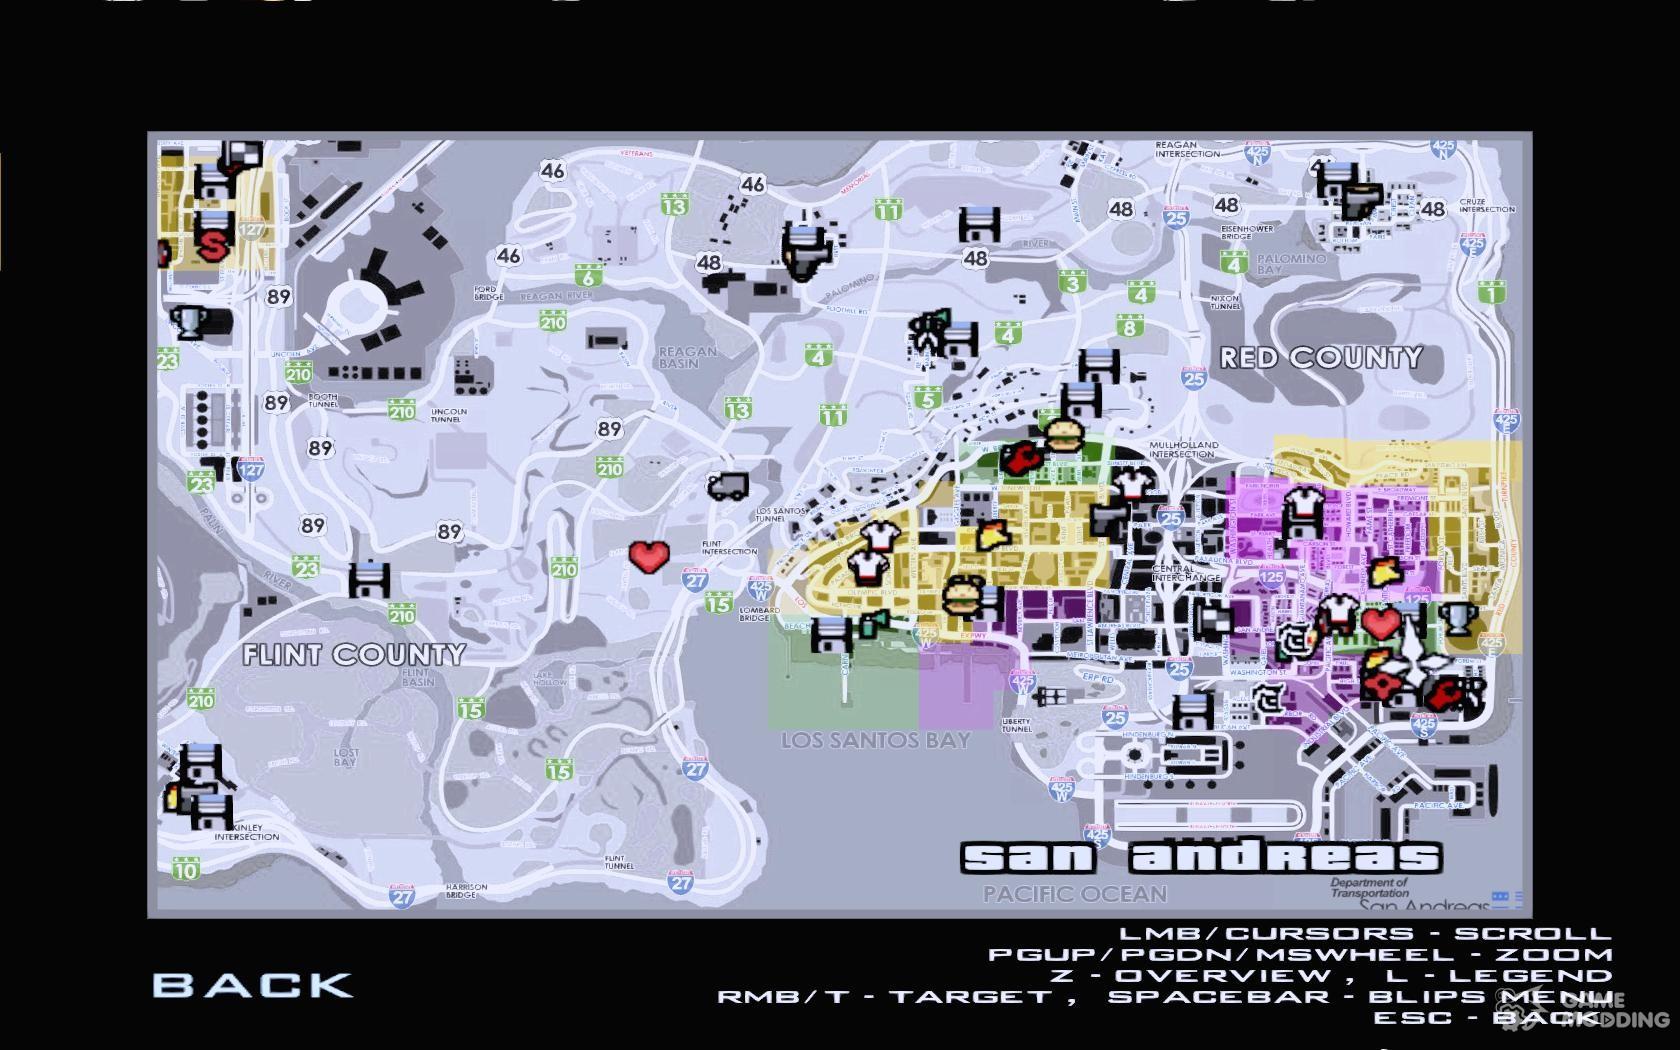 Скачать карту для gta sa с названиями улиц